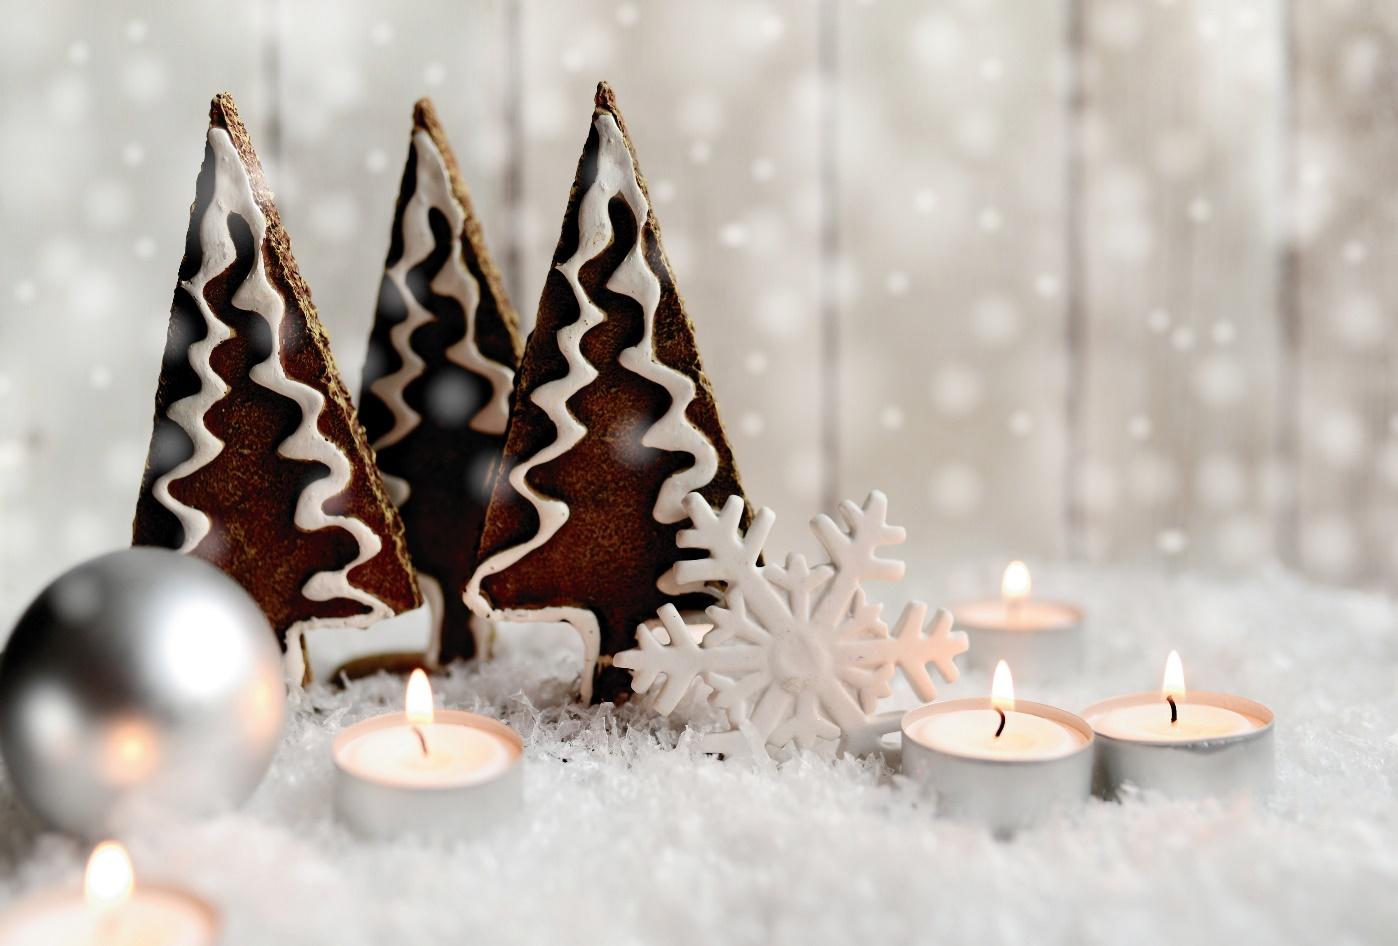 Deko an Weihnachten